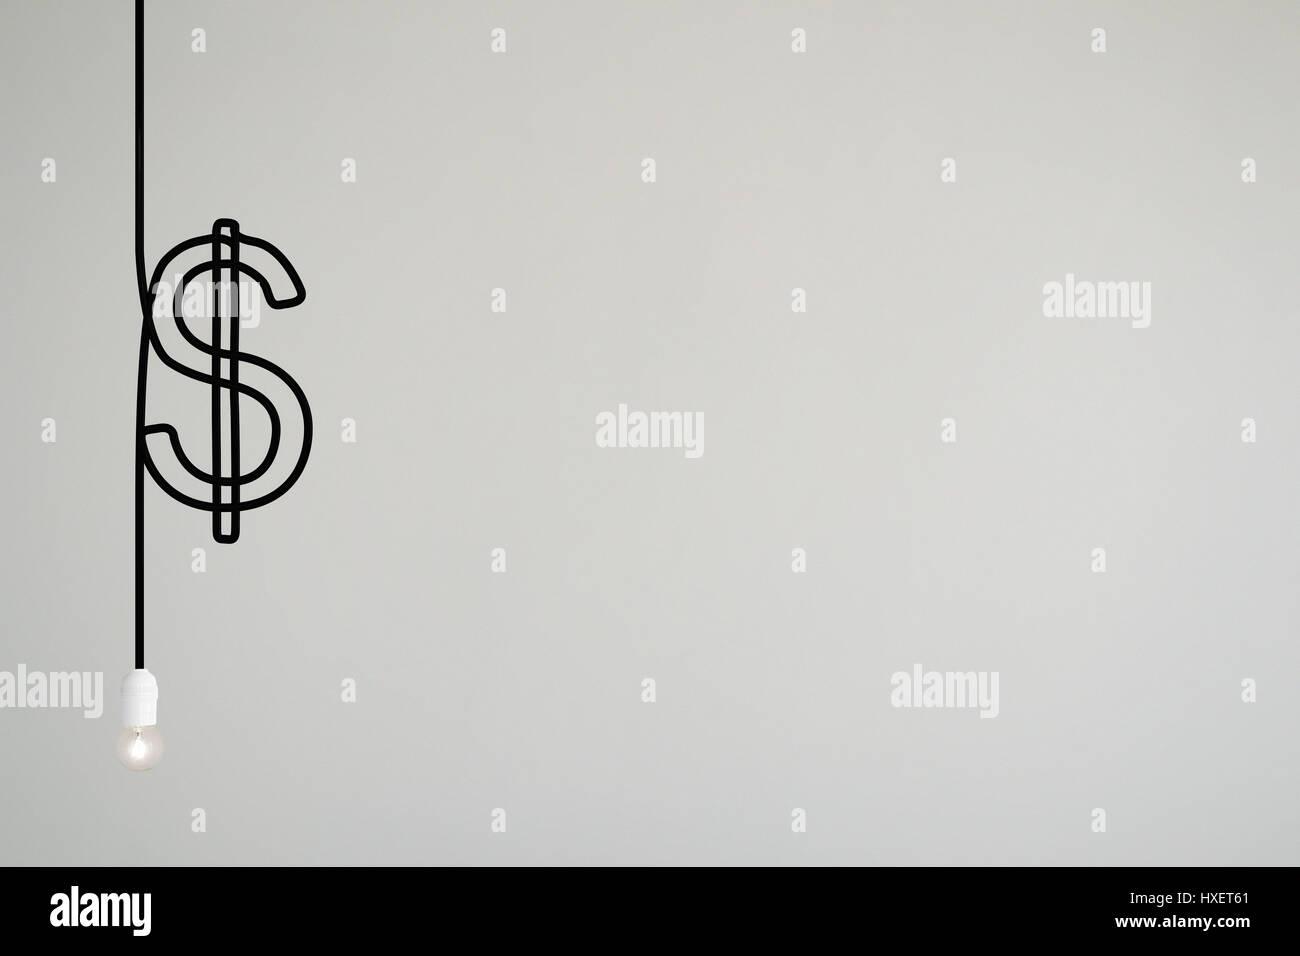 Un cable eléctrico de luces dibuja un símbolo de dólar Imagen De Stock